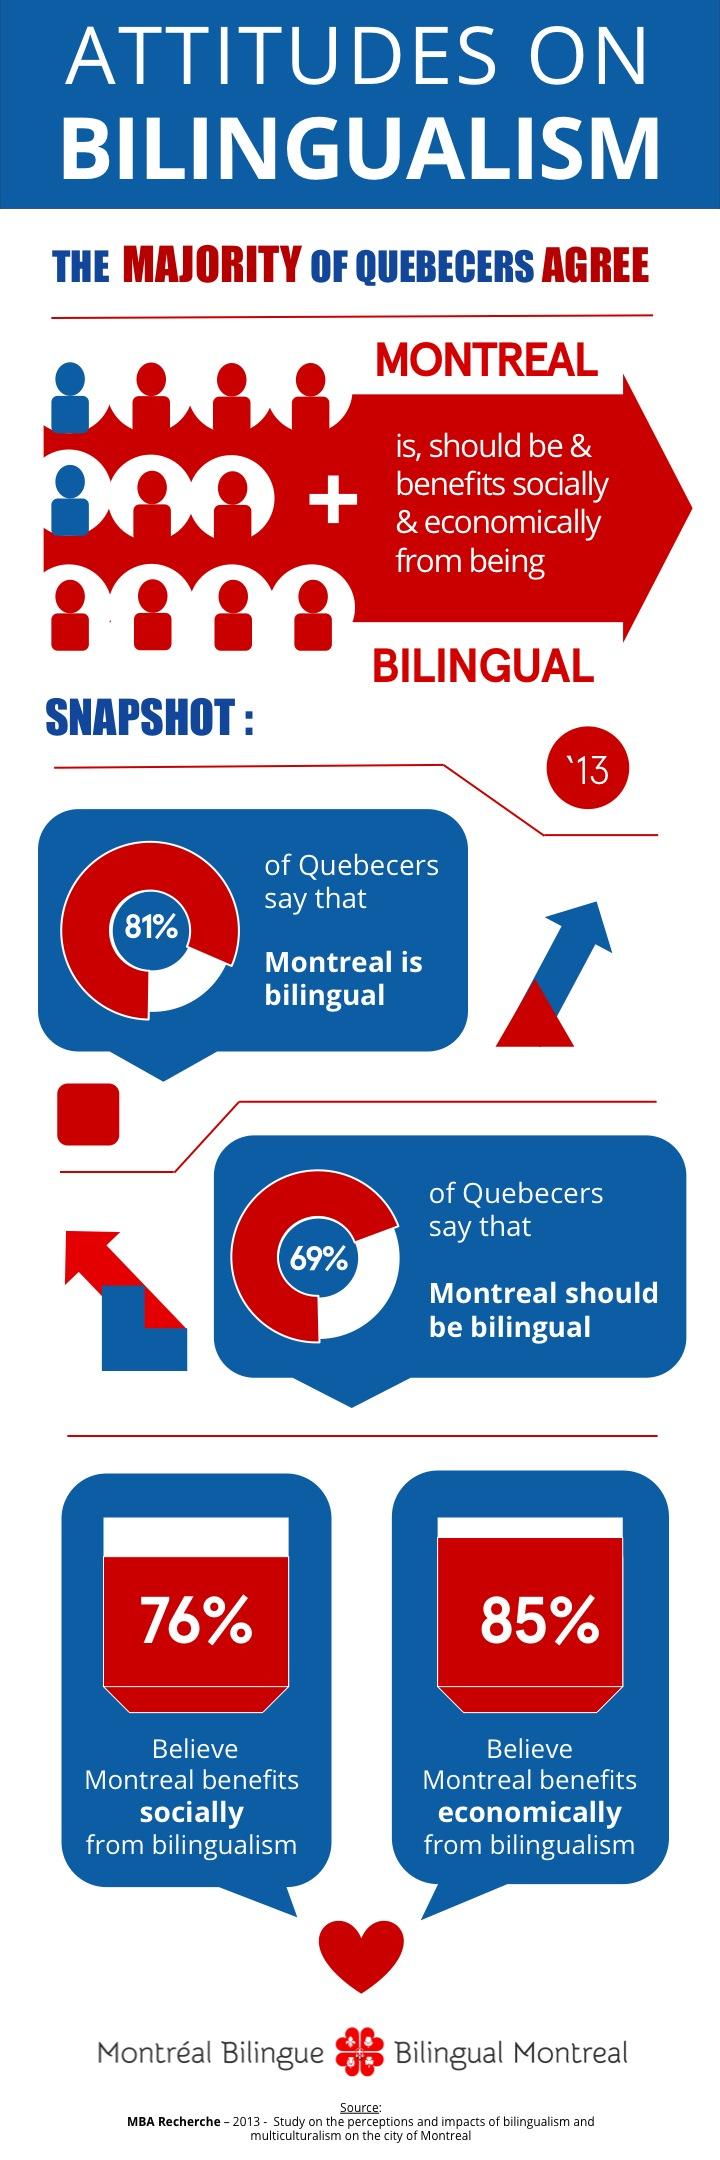 attitudes on bilingualism in montreal quebec